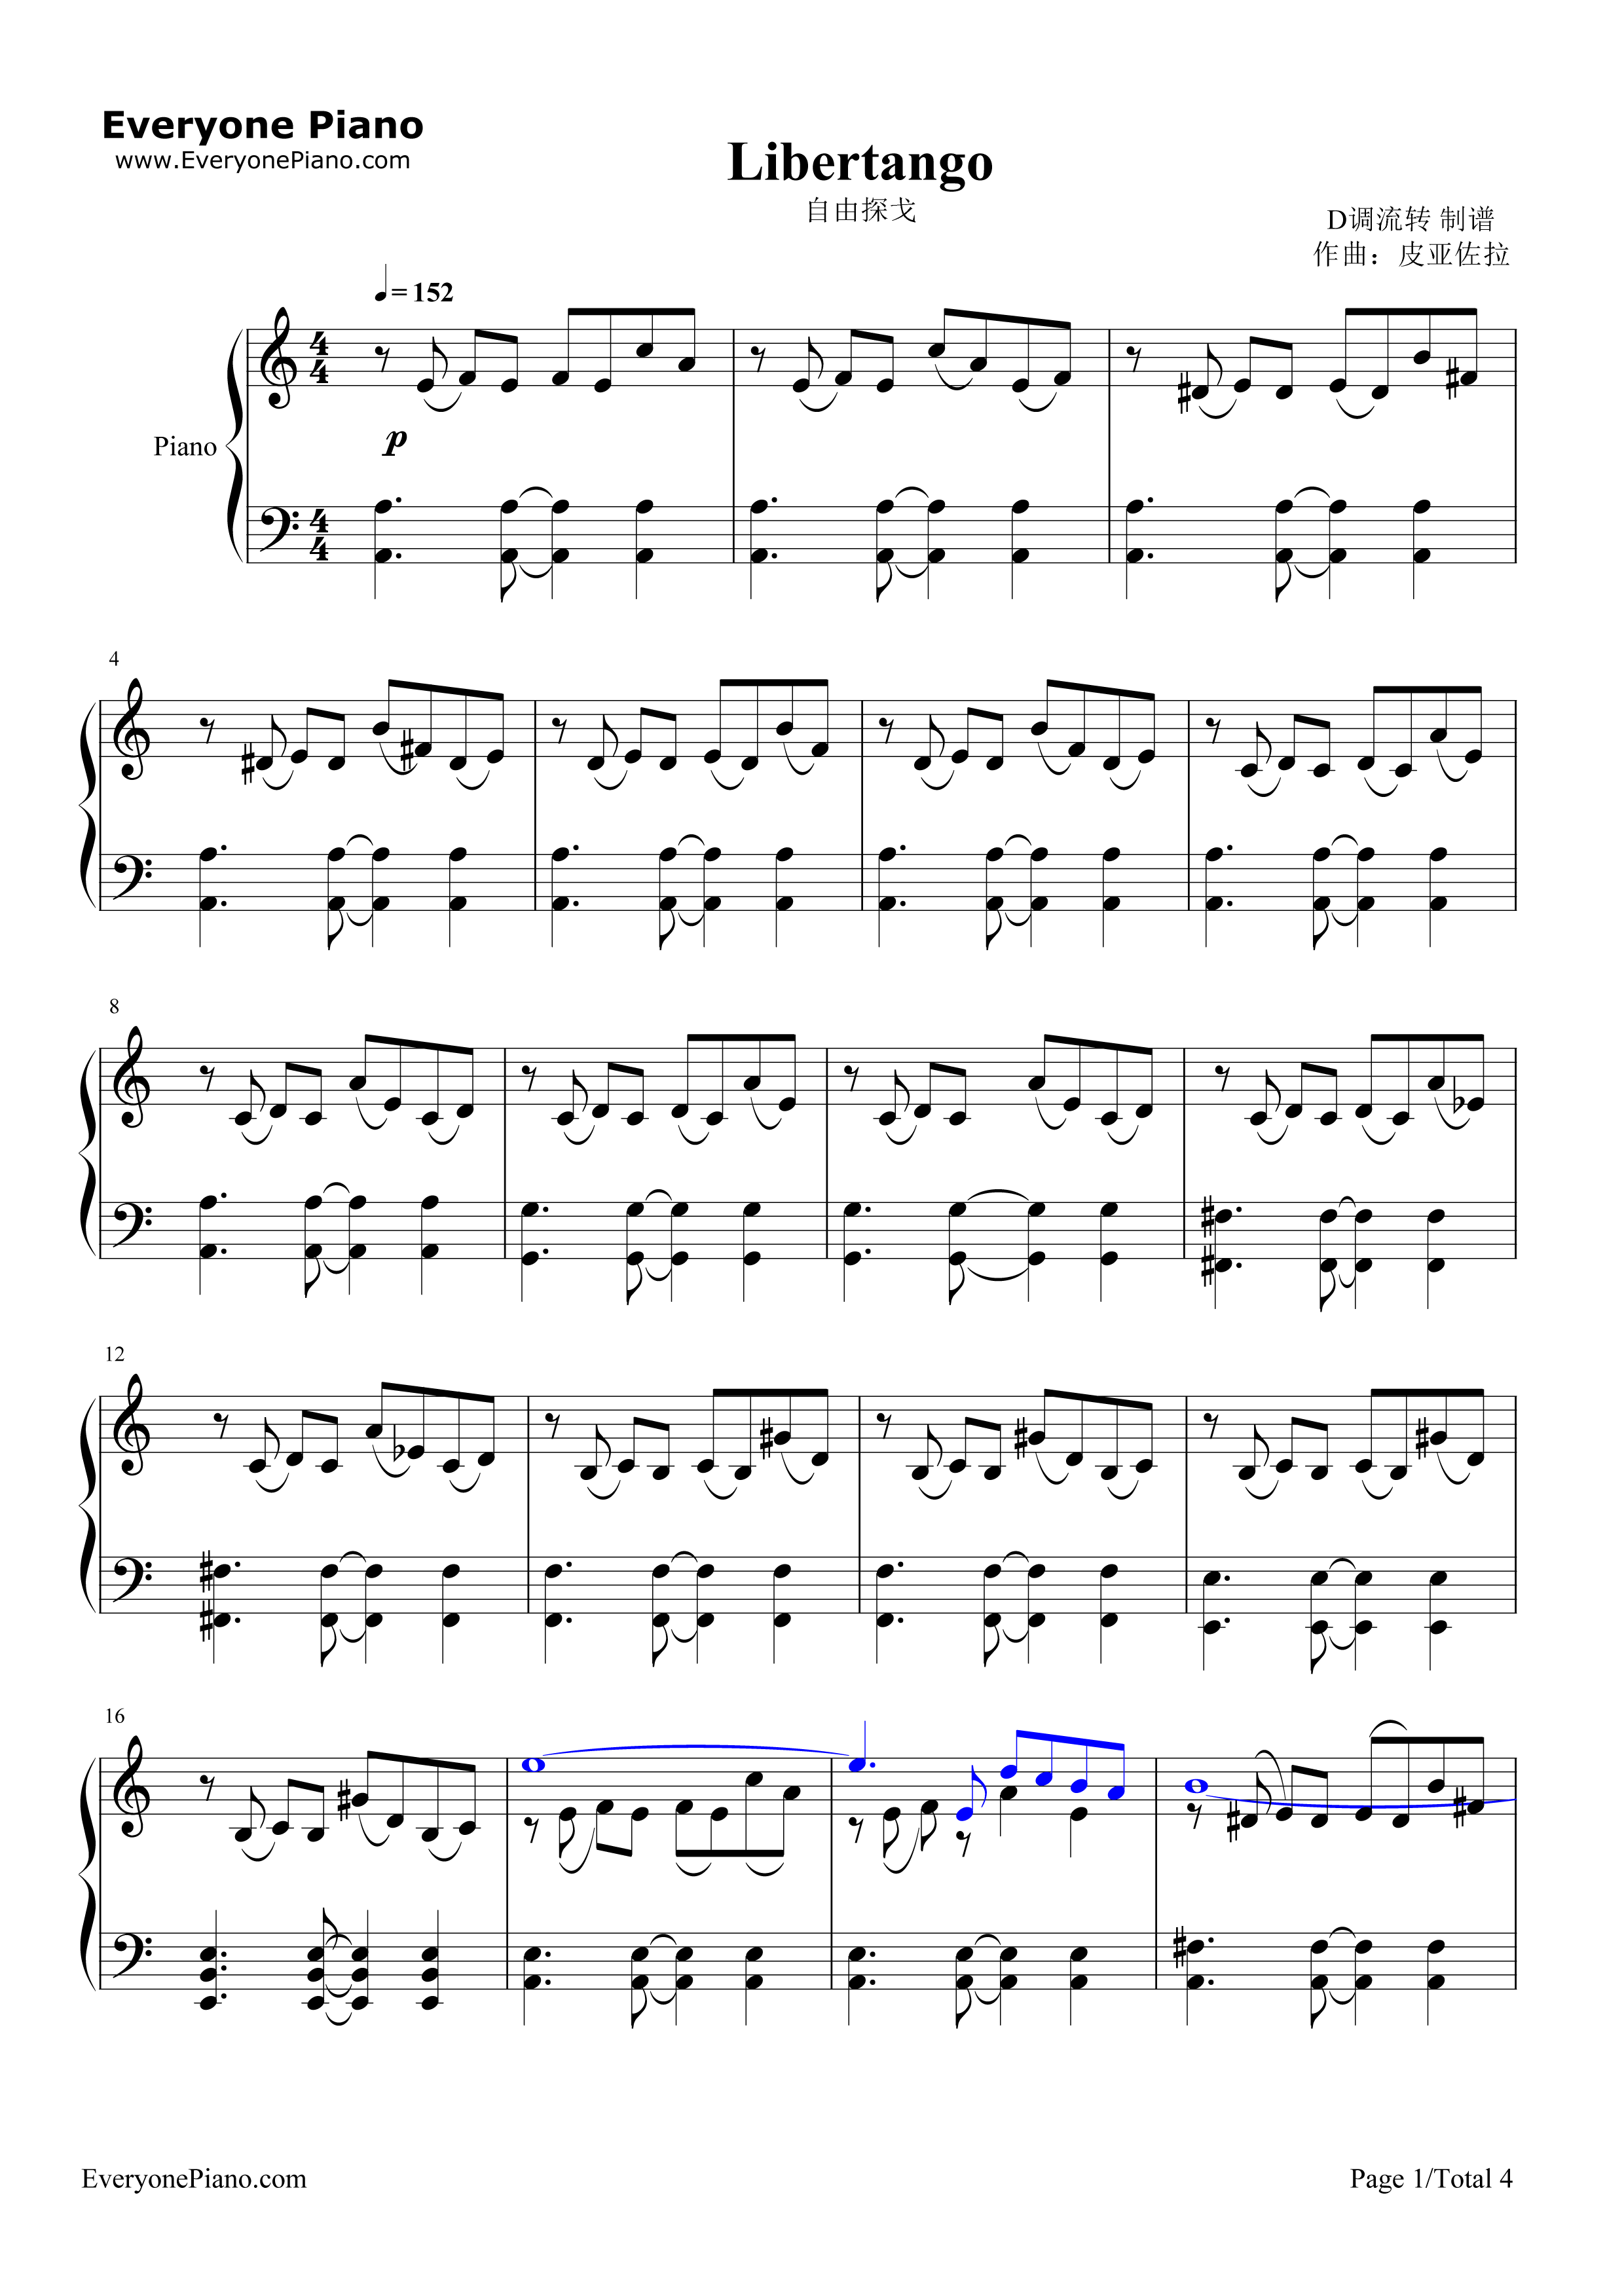 自由探戈-libertango-皮亚佐拉五线谱预览1